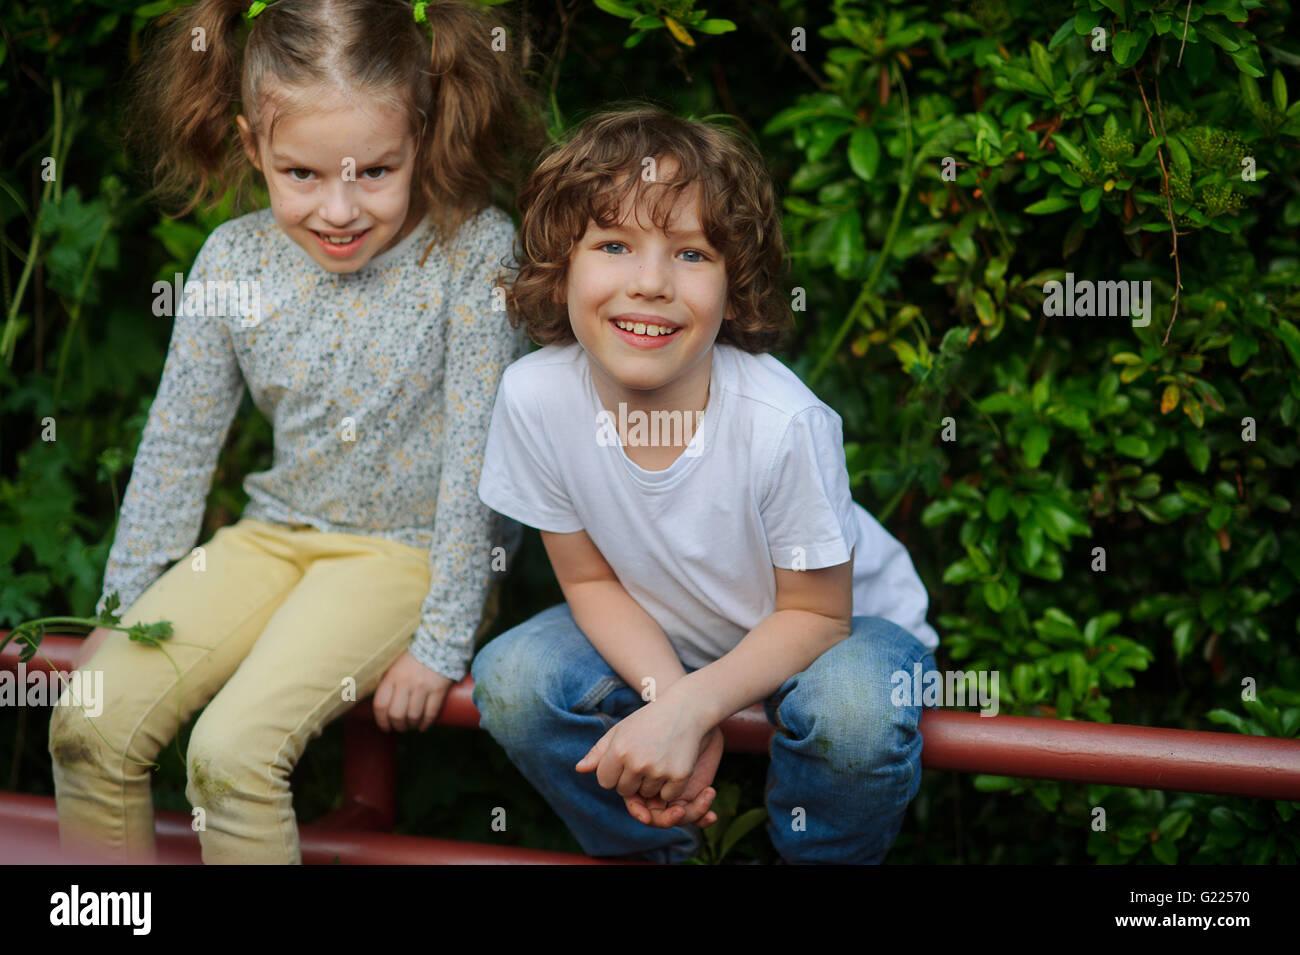 Chico y chica sentada en la valla cerca del arbusto verde Imagen De Stock